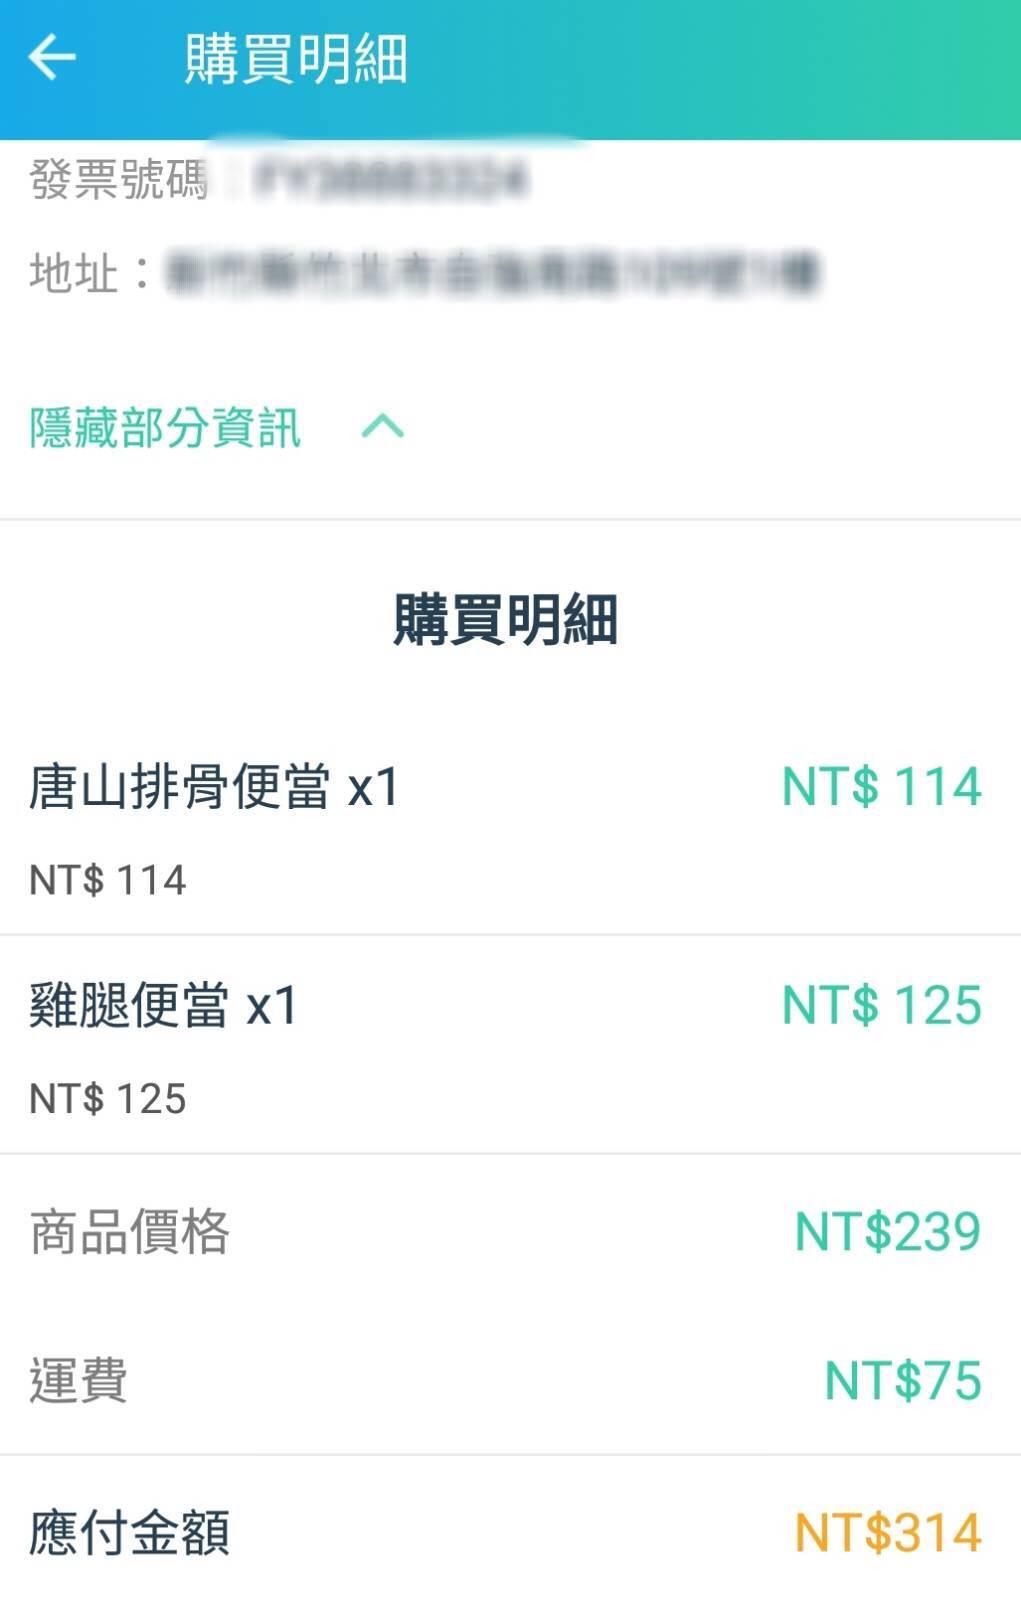 美食外送app推薦!下載有無快送,一份也送!不出門就能吃新竹美食